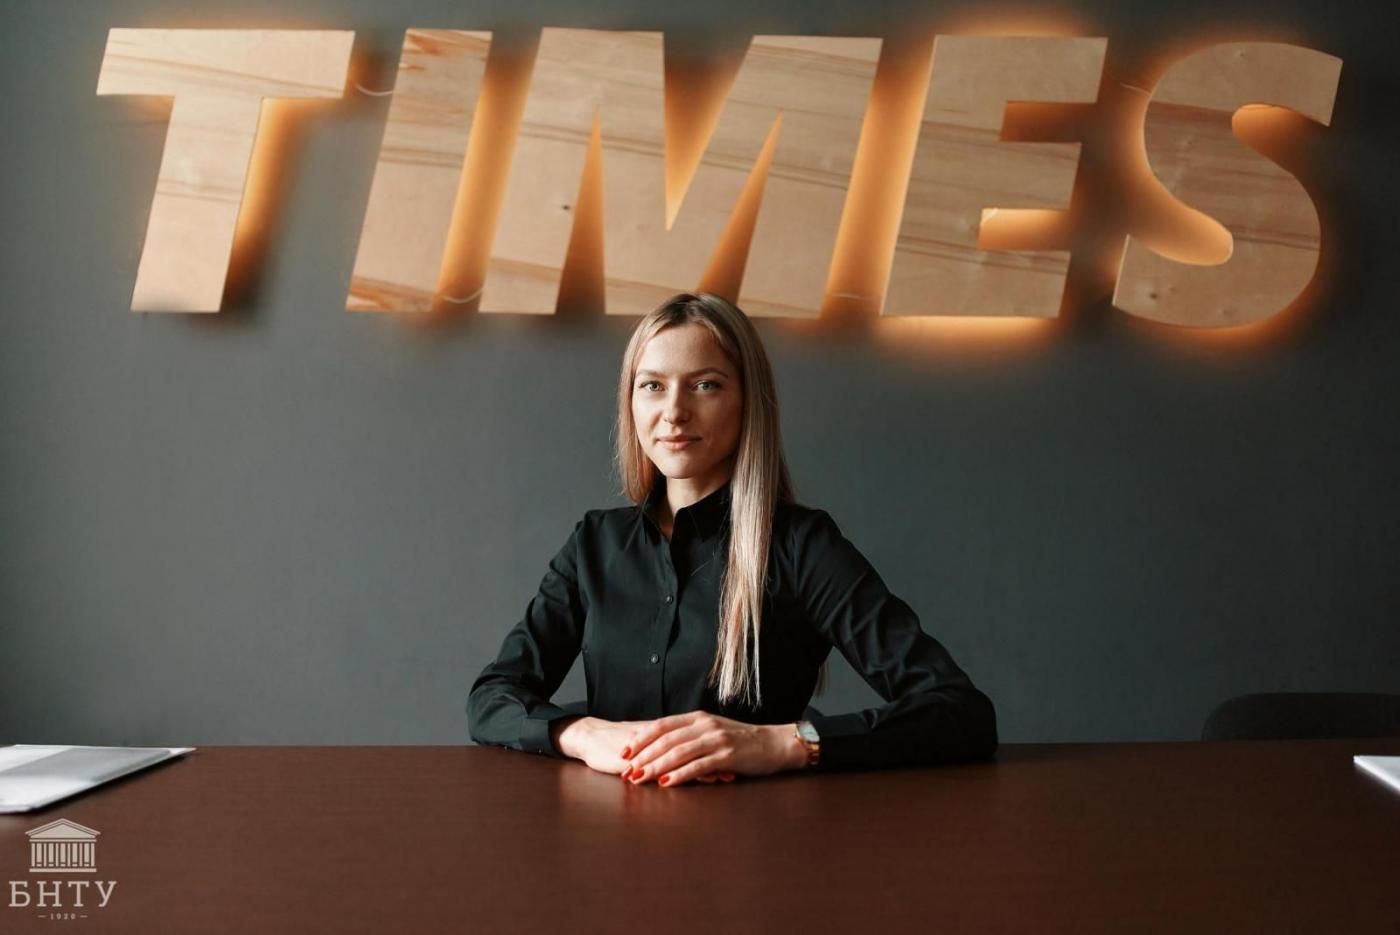 Выпускница БНТУ Дарья Балобан о признании белорусского диплома за границей, работе в Китае и совместных образовательных программах